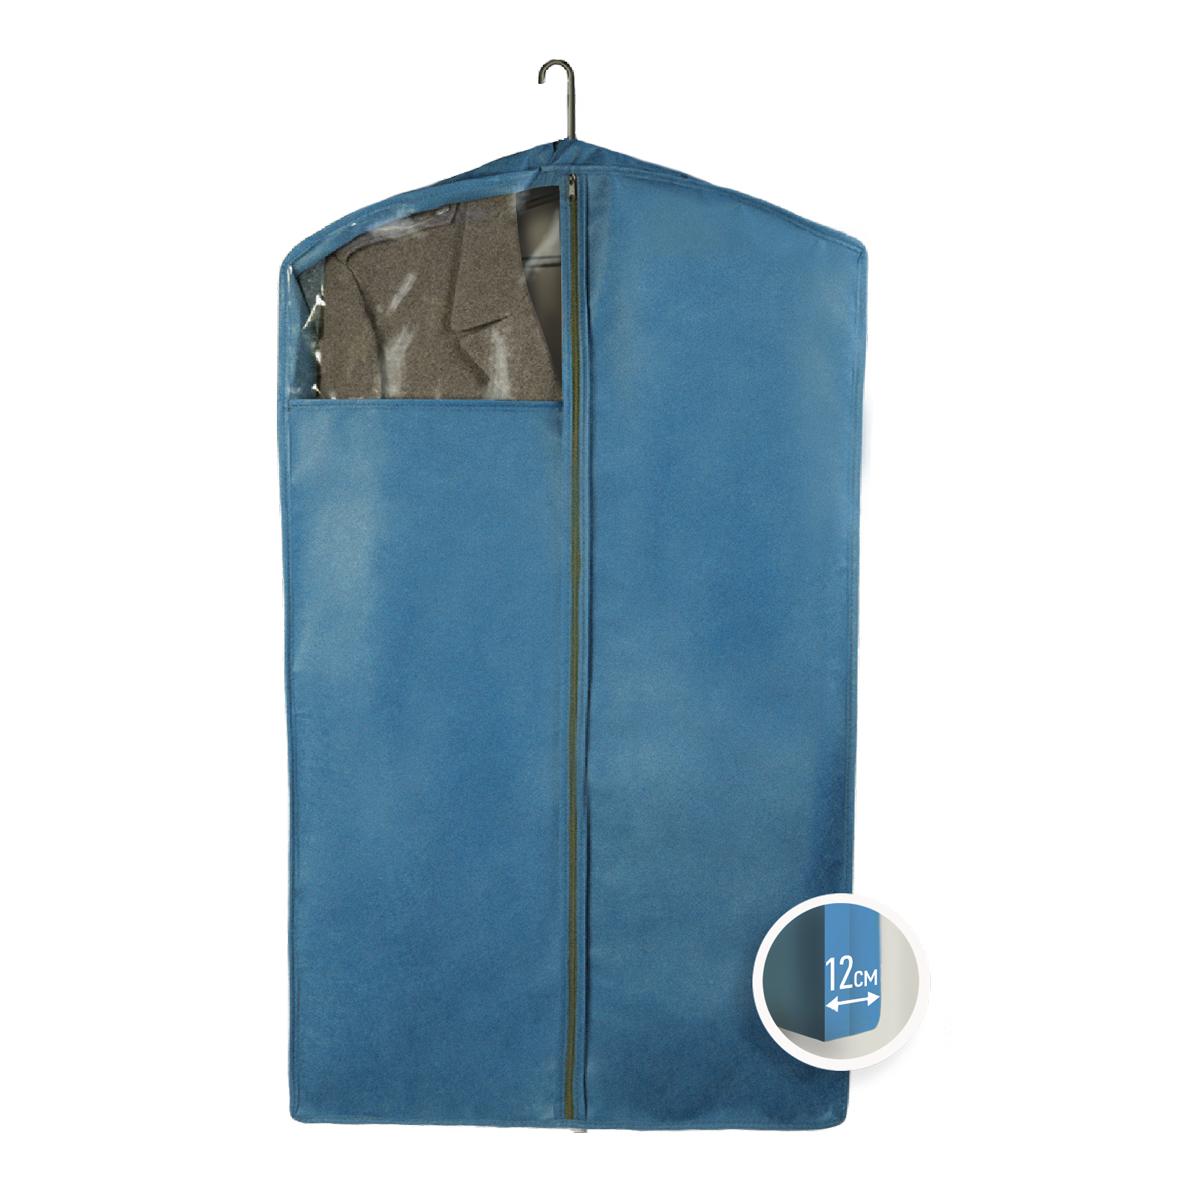 Чехол для верхней одежды Miolla, цвет: синий, 100 х 60 х 12 смCHL-3-1Чехол для верхней одежды 100 x 60 x 12 см cиний